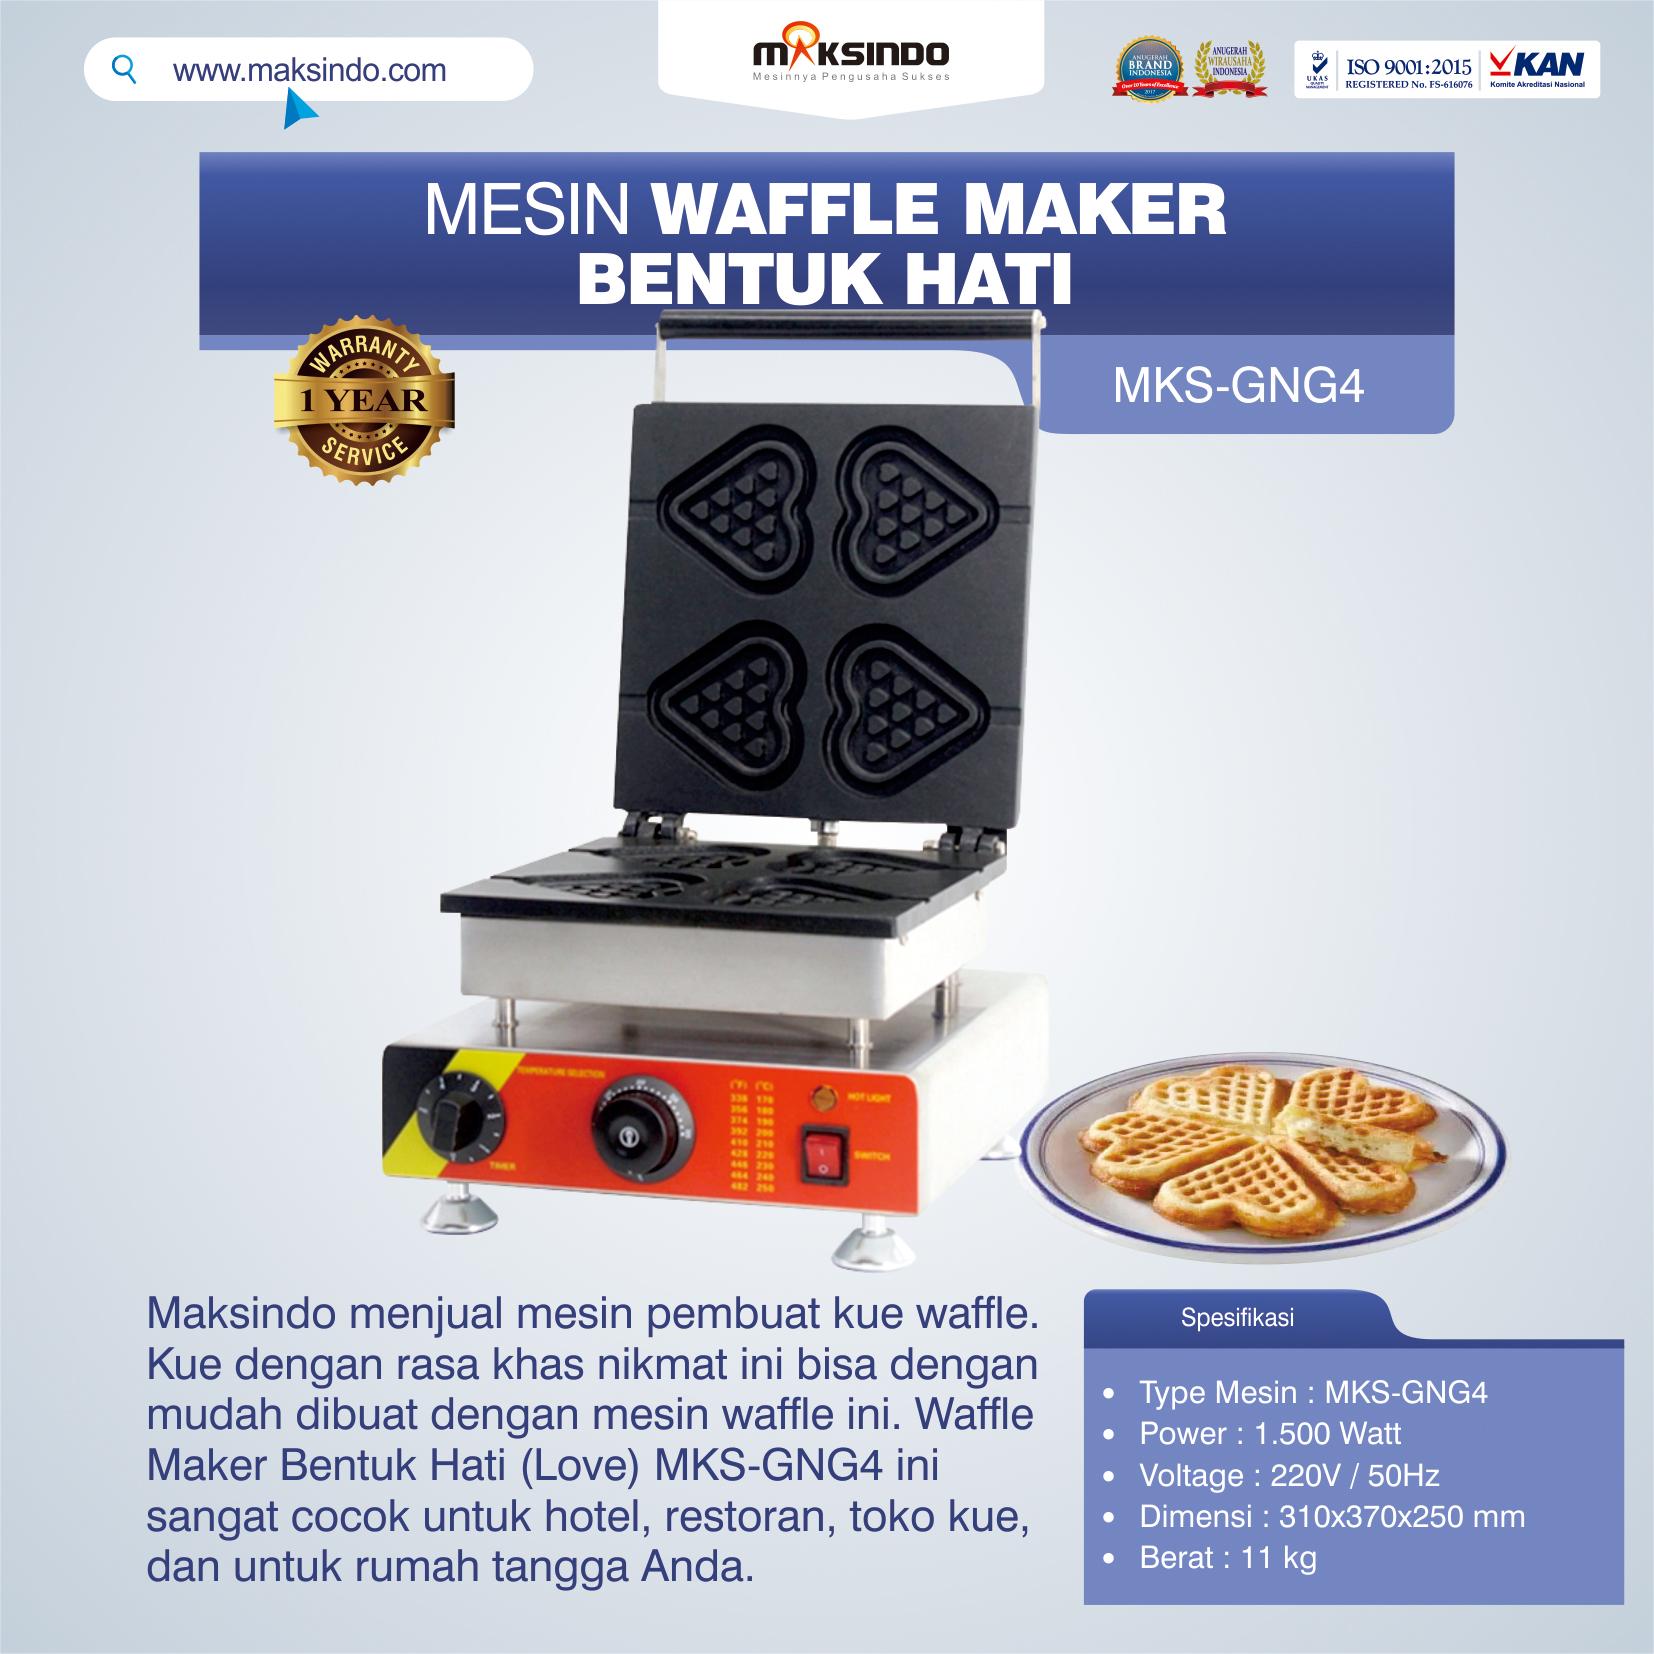 Jual Mesin Waffle Maker Bentuk Hati (Love) MKS-GNG4 di Semarang